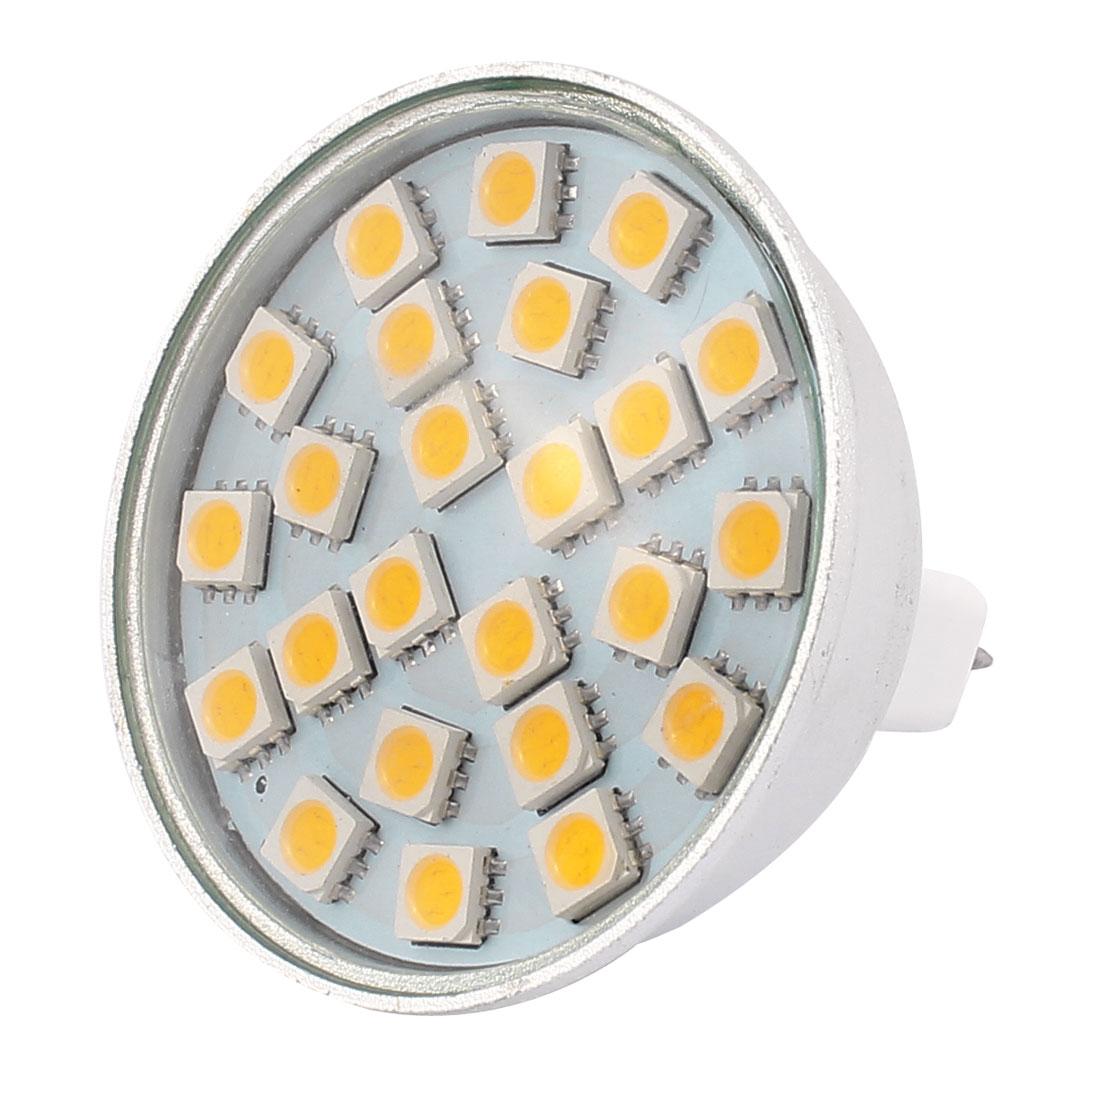 MR16 SMD5050 24LEDs Aluminum Energy Saving LED Lamp Bulb Warm White AC 220V 3W